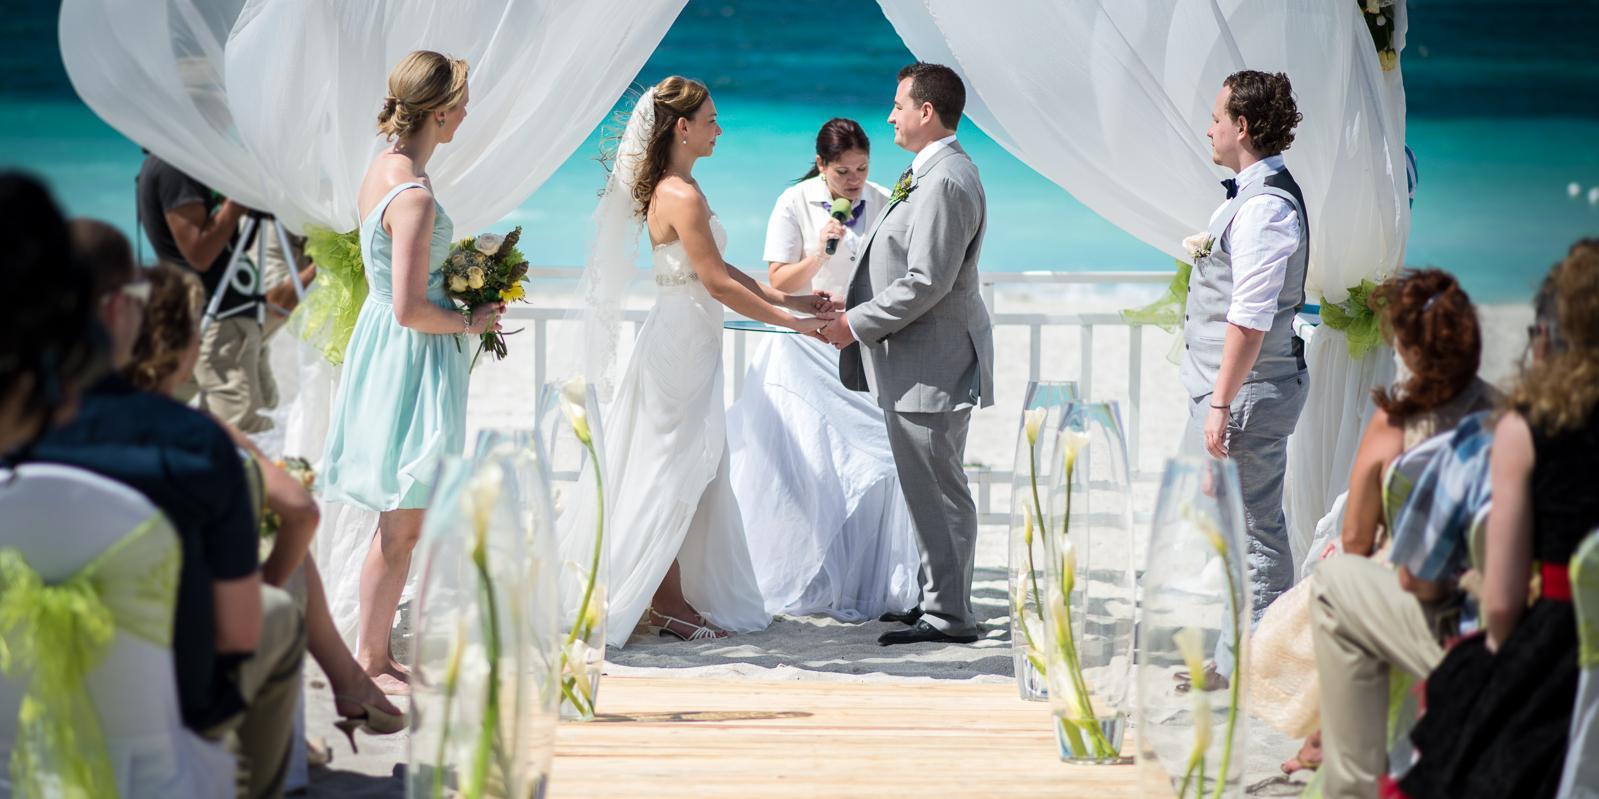 bodas-estilo-libre-playa-cuba-9111.jpg